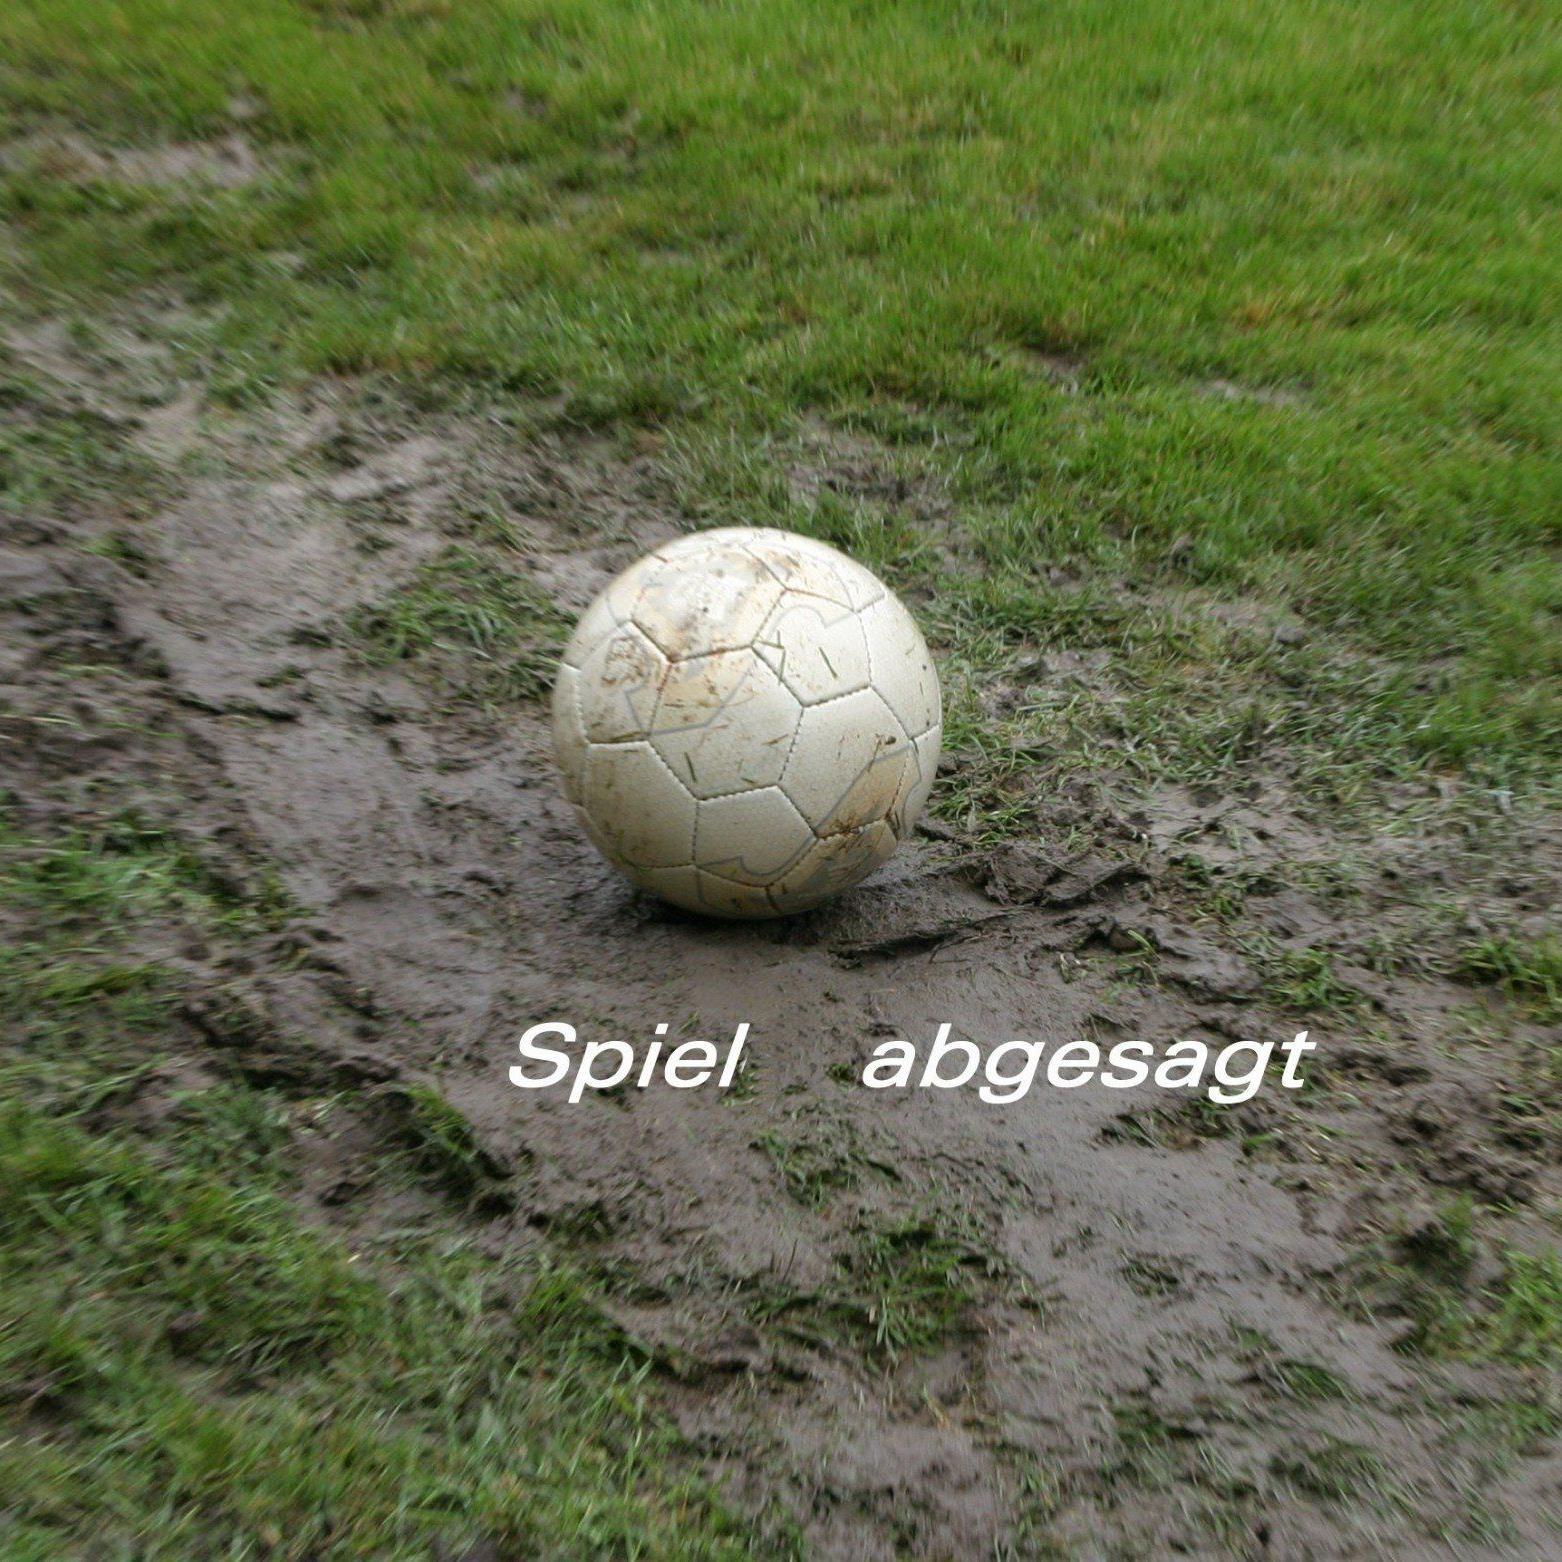 Viele Meisterschaftsspiele konnten wegen des Starkregen nicht ausgetragen werden.